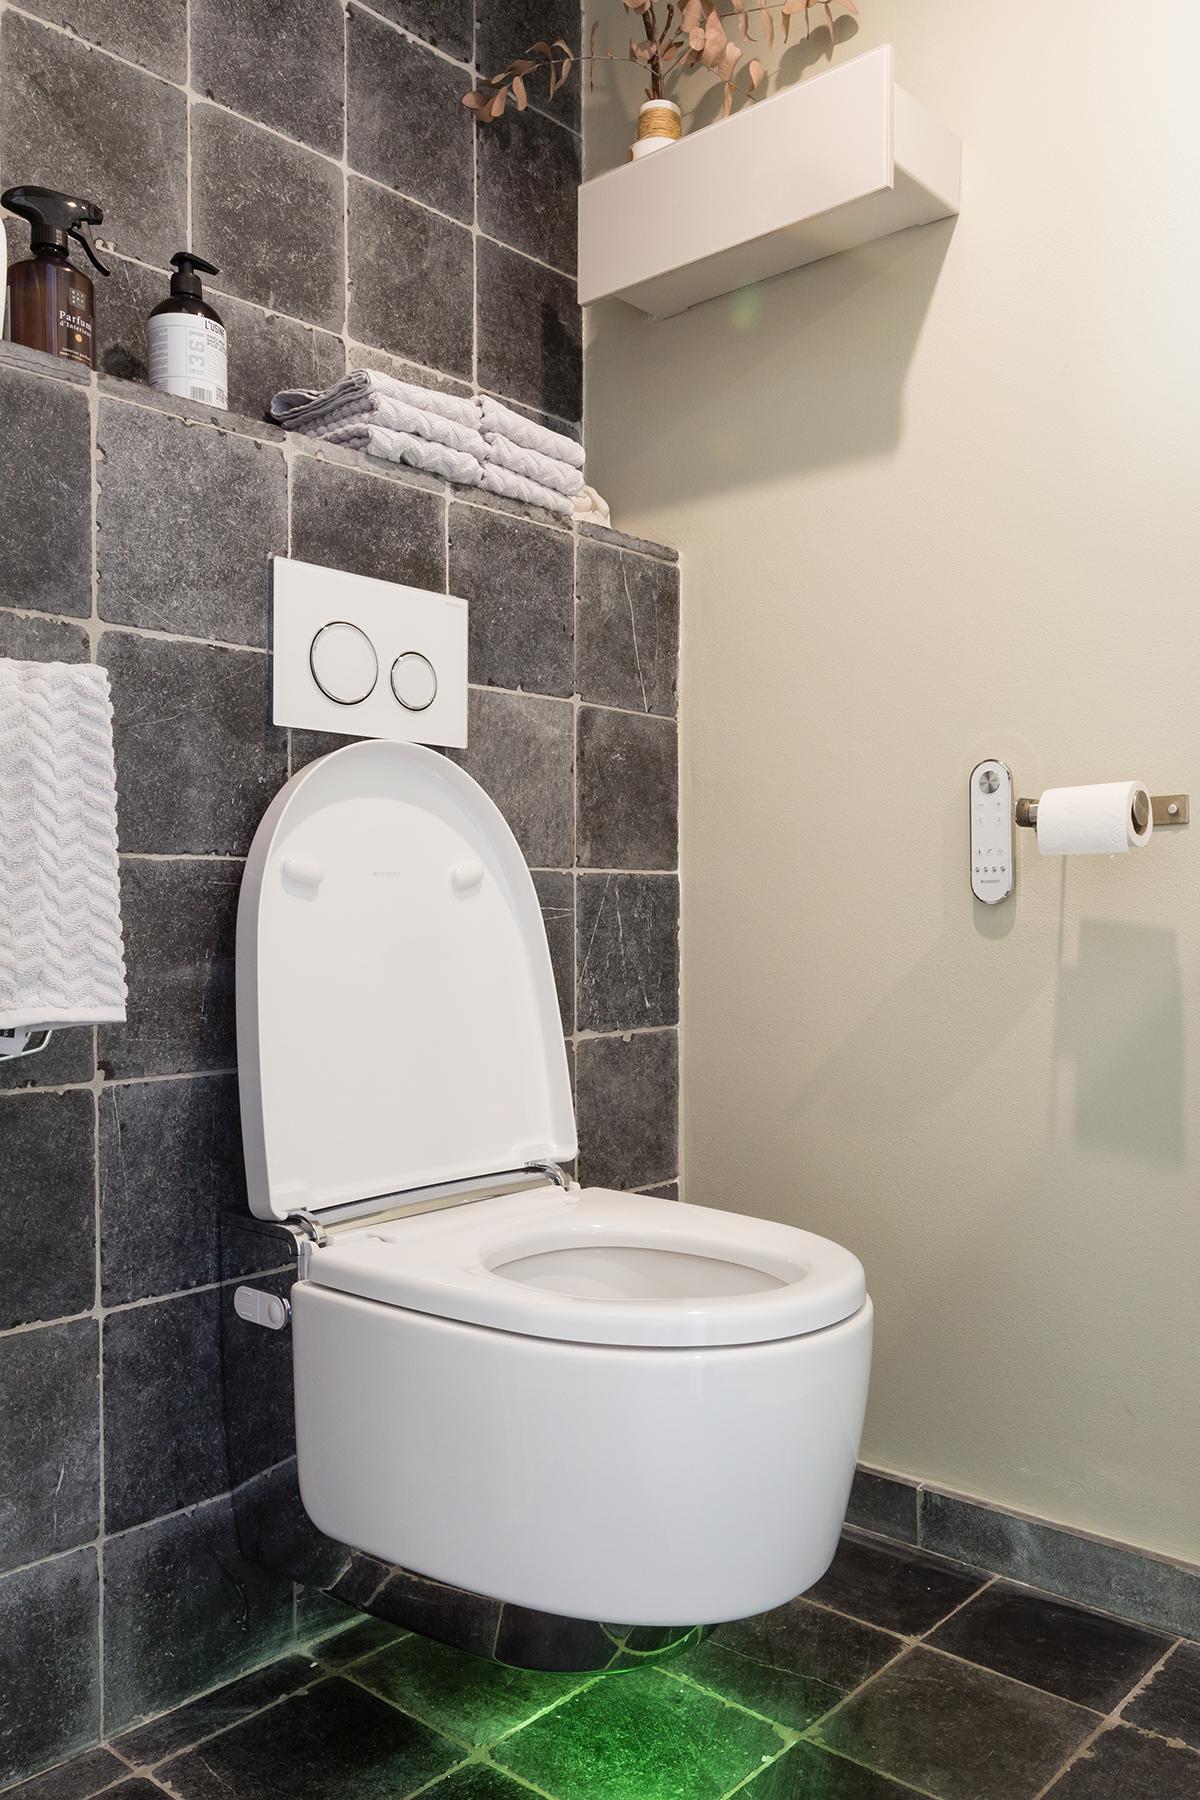 Geberit toilet met verlichting op wc met zwarte tegel